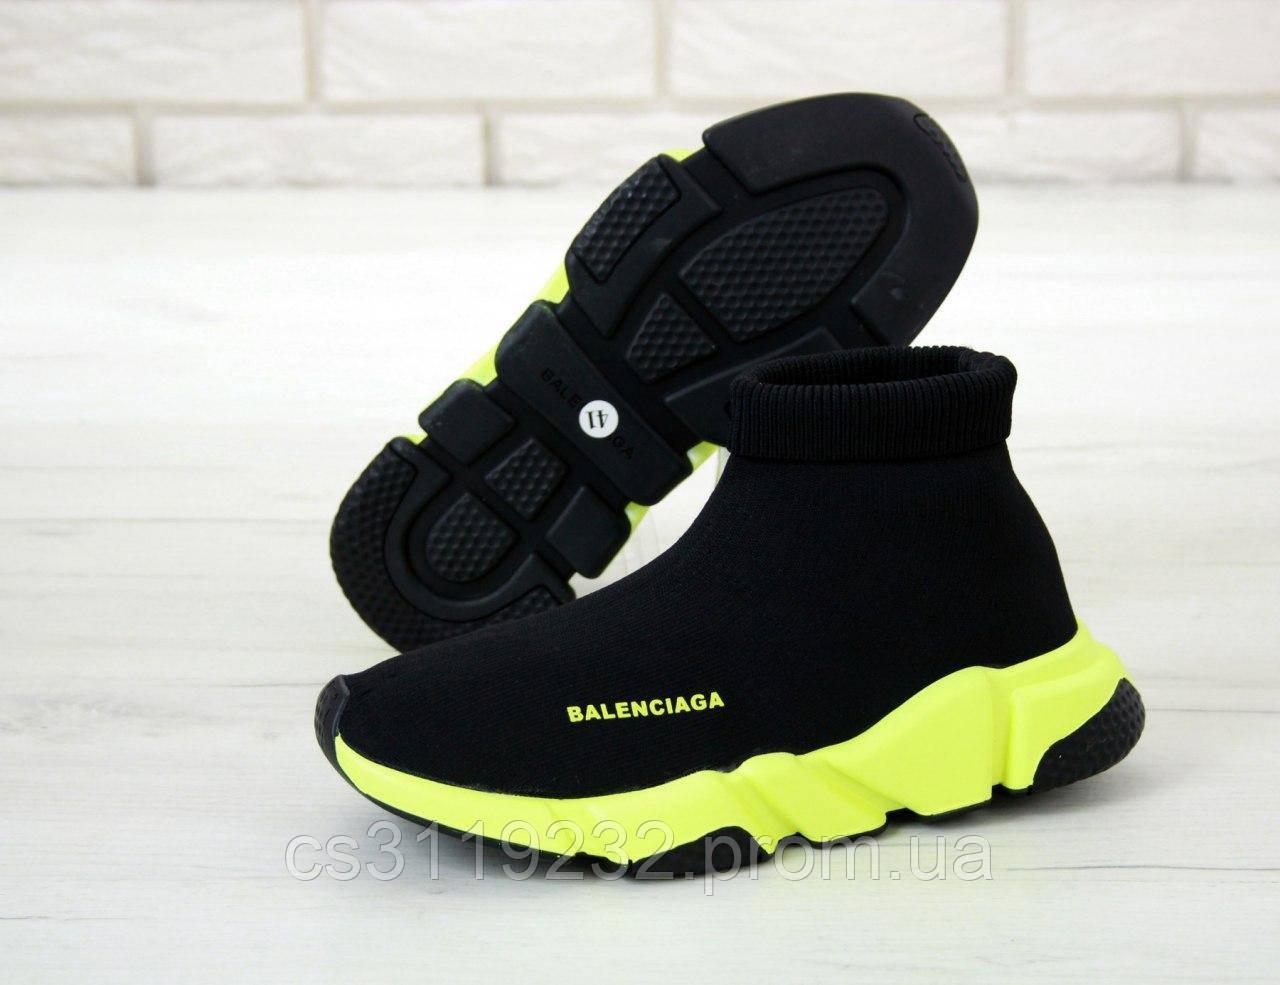 Чоловічі кросівки Balenciaga Speed (чорні)